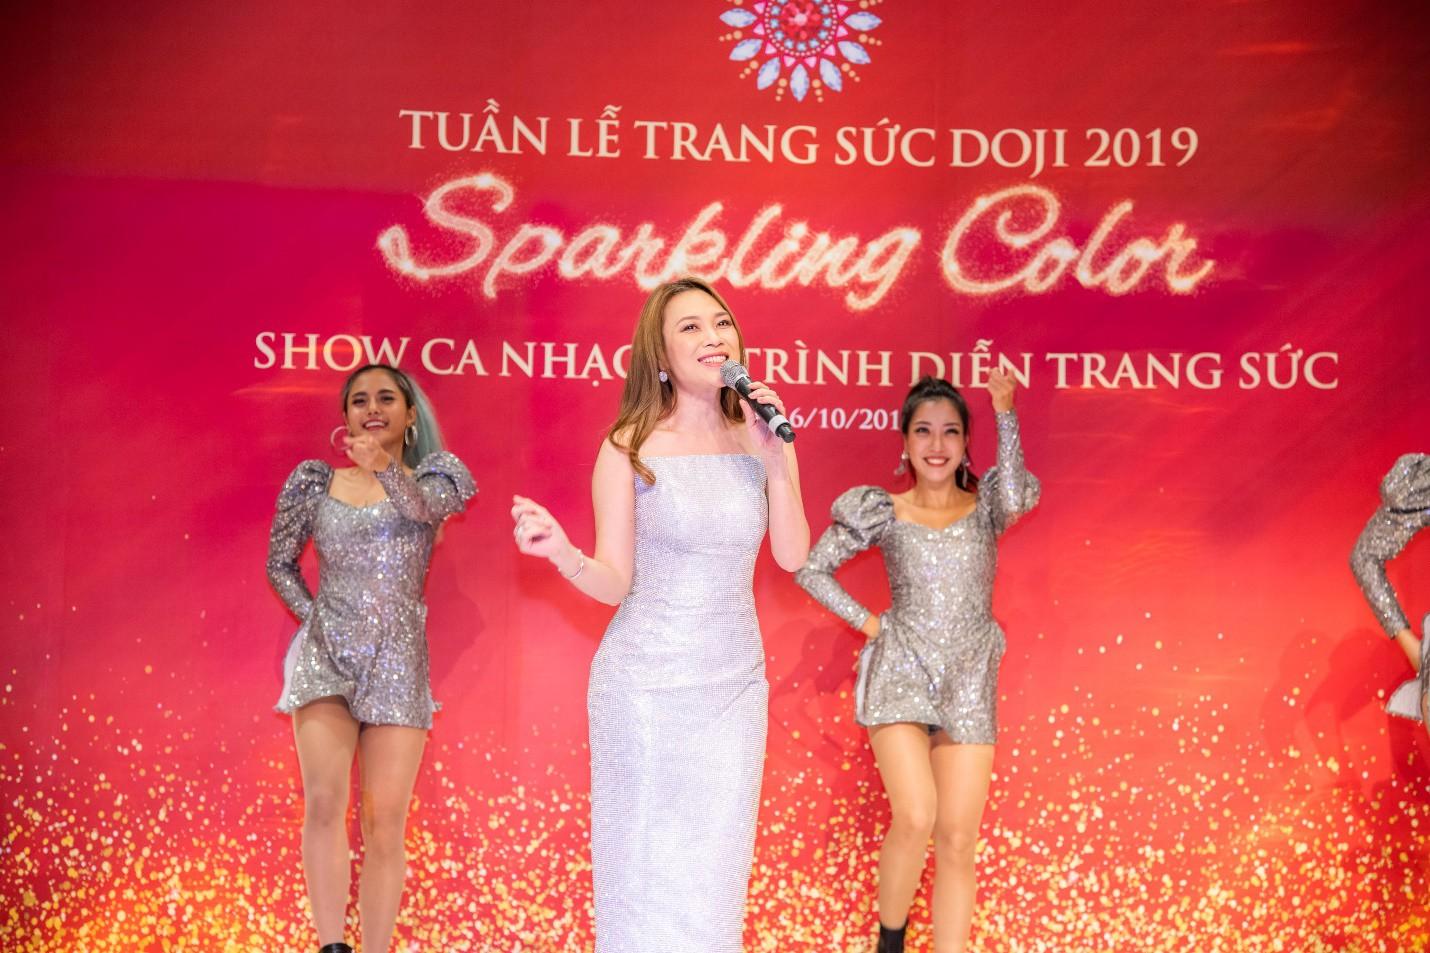 Hoa hậu Lương Thùy Linh rạng rỡ bên những bảo vật kỷ lục của DOJI - Ảnh 10.